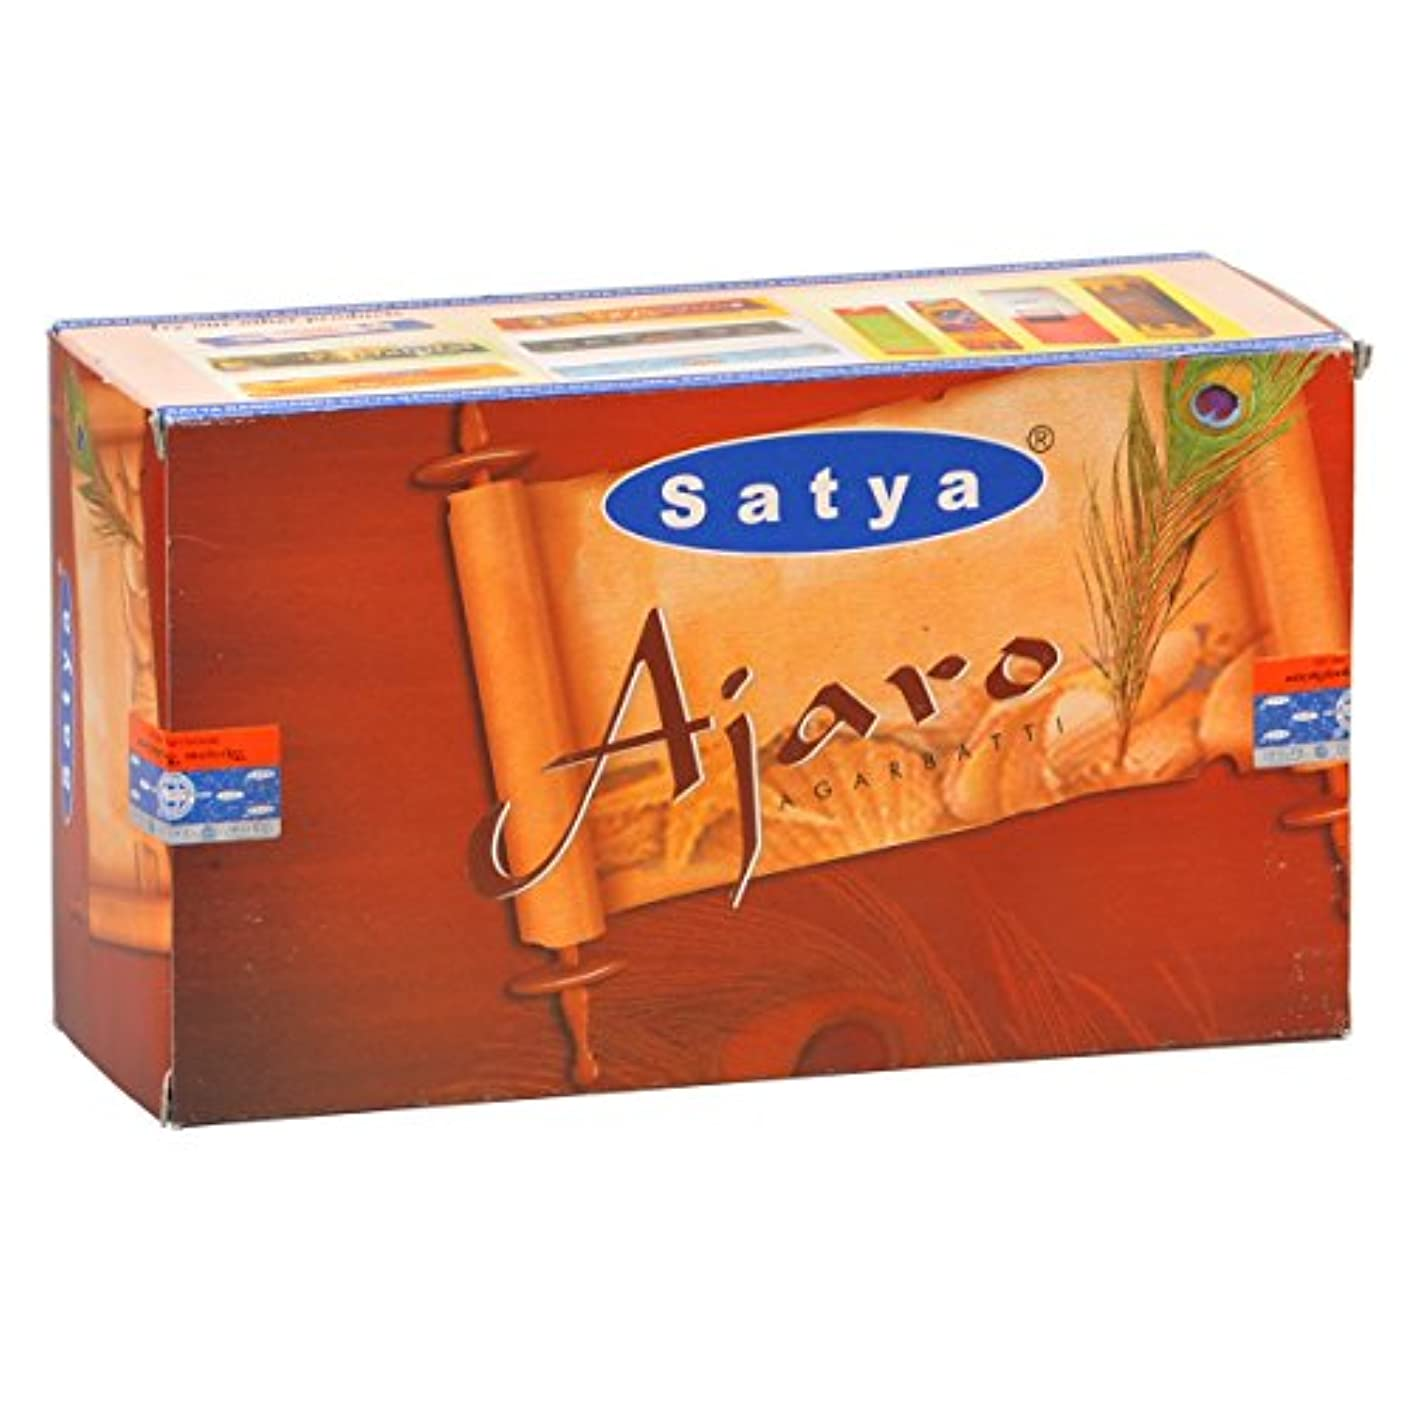 不名誉フラップ国民投票SATYA(サティヤ) アジャロ Ajaro スティックタイプ お香 12箱 セット [並行輸入品]